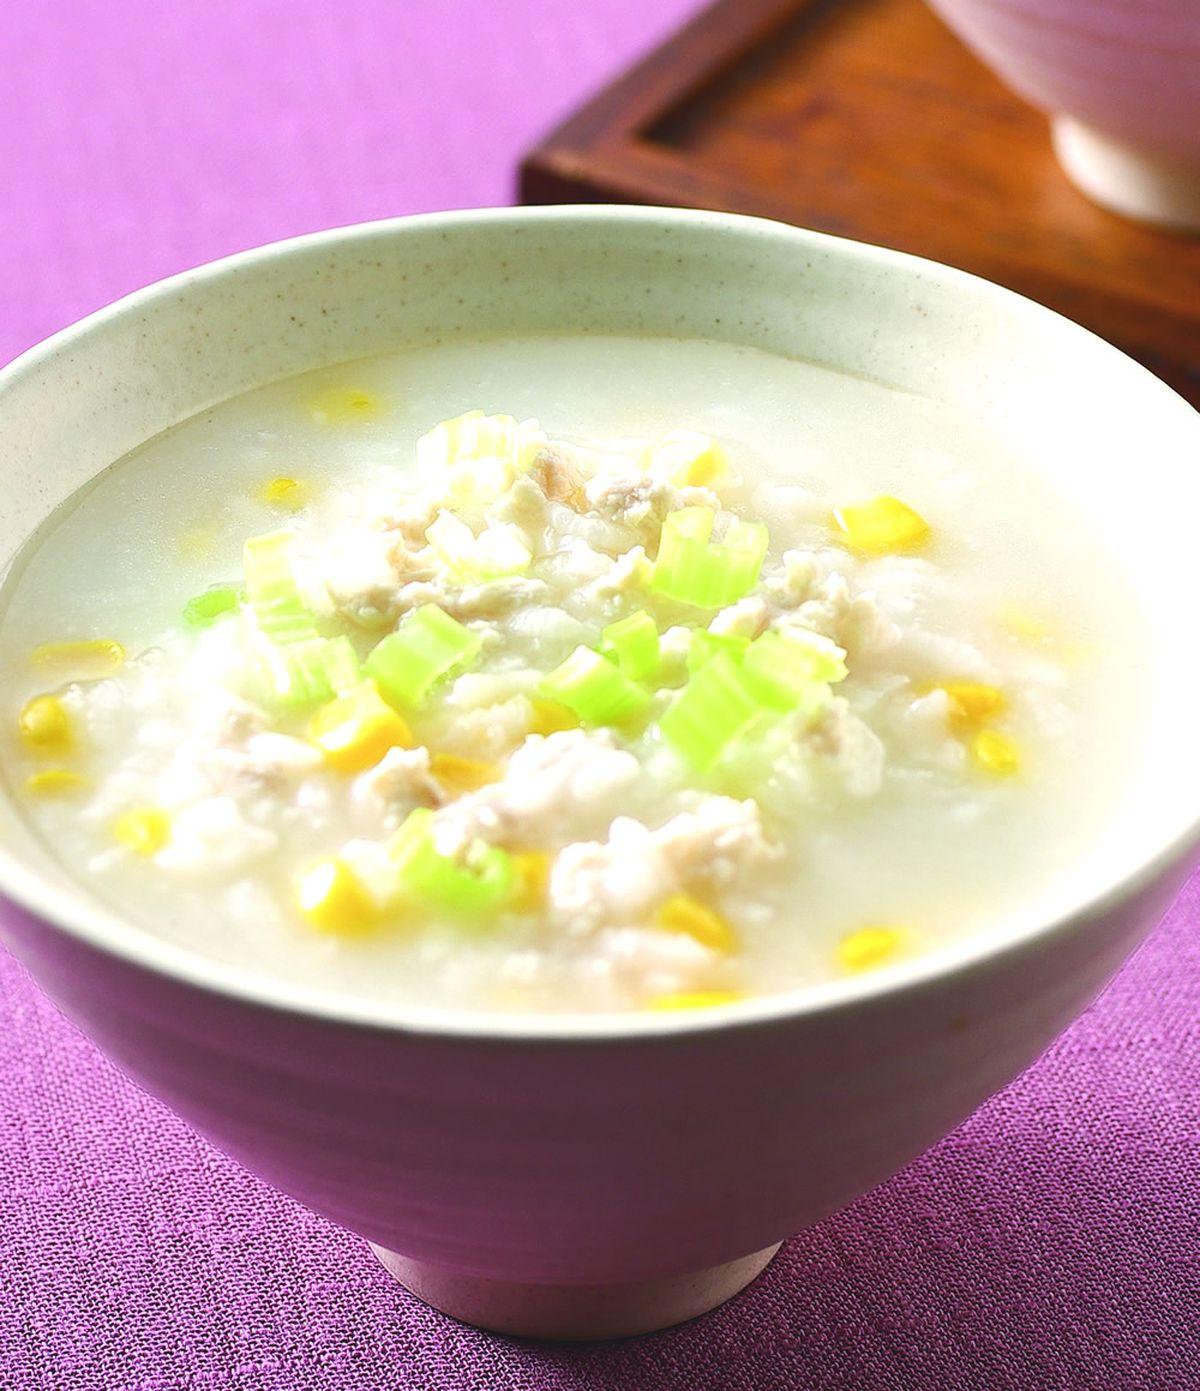 食譜:玉米雞蓉粥